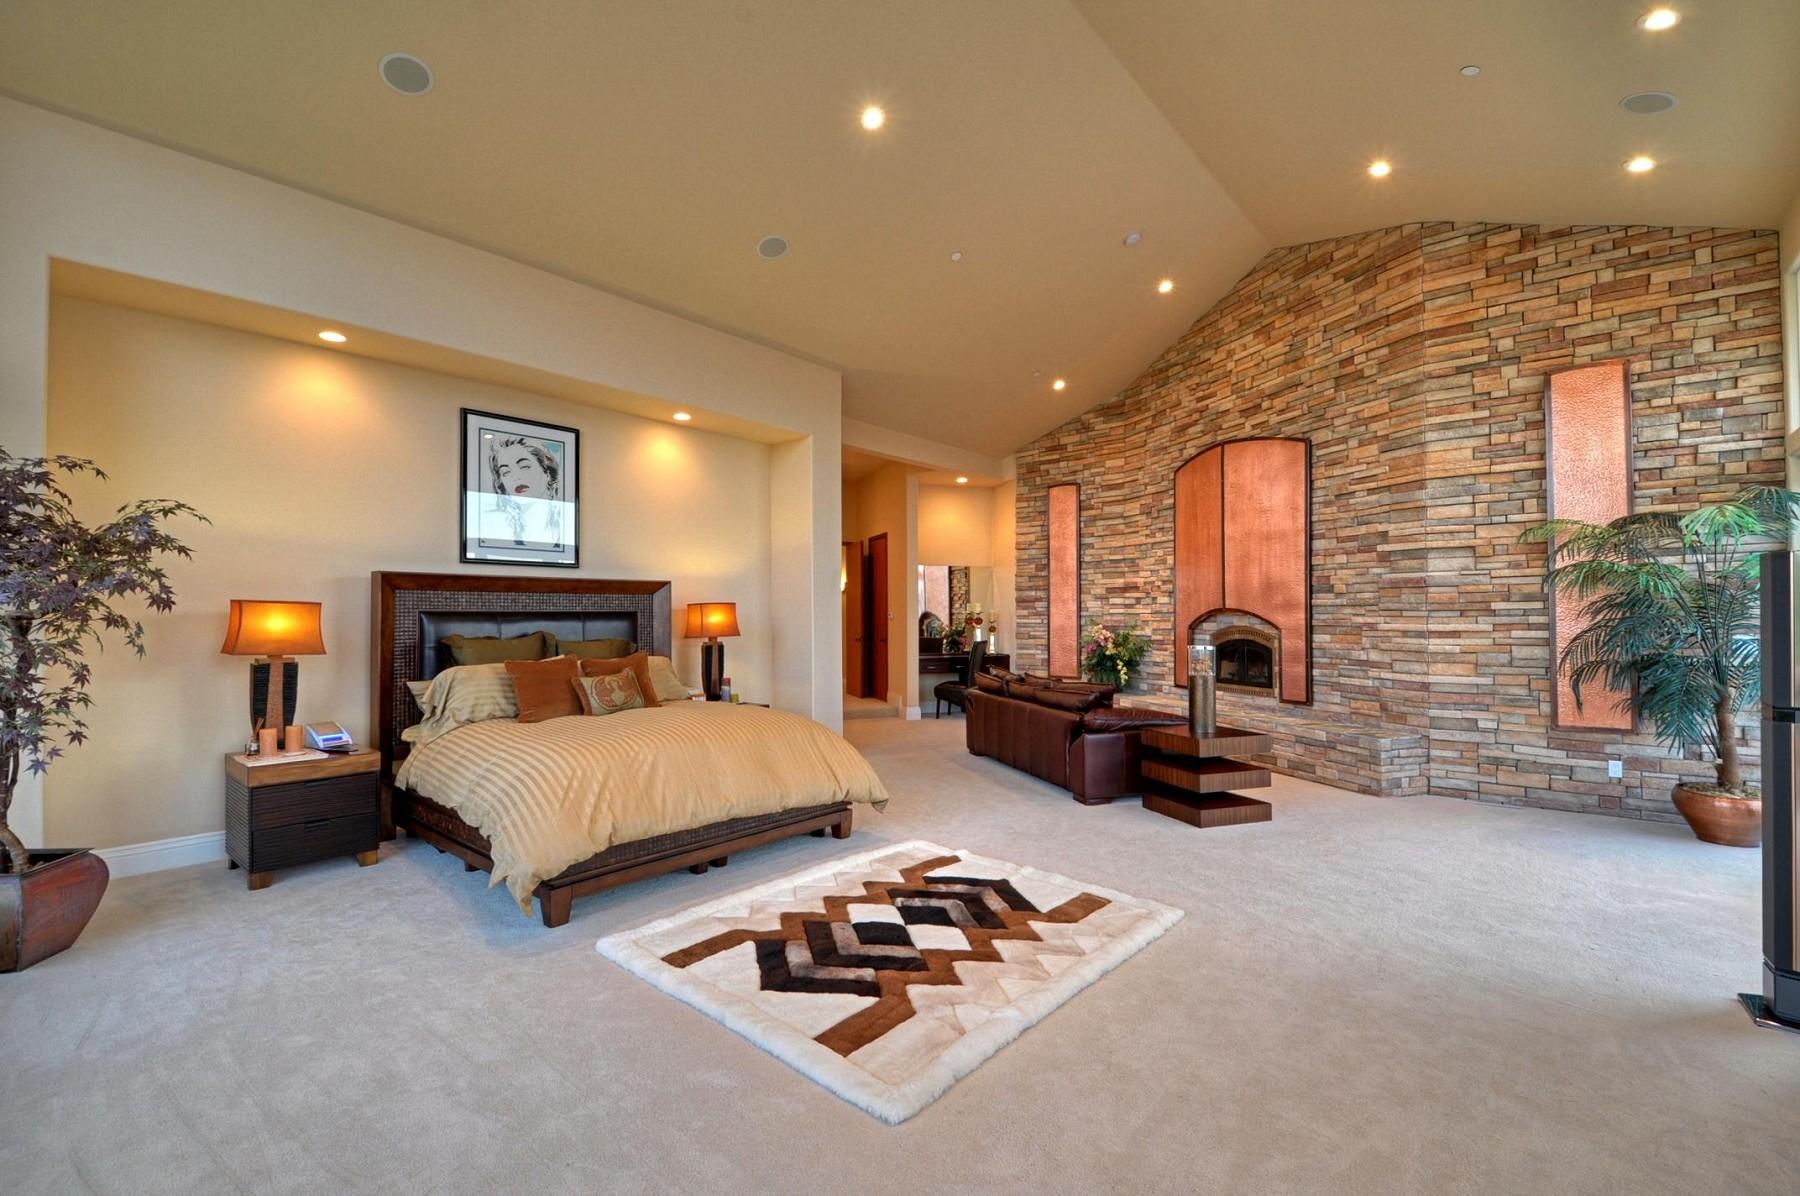 Choisir le meilleur lit adulte   40 belles idées